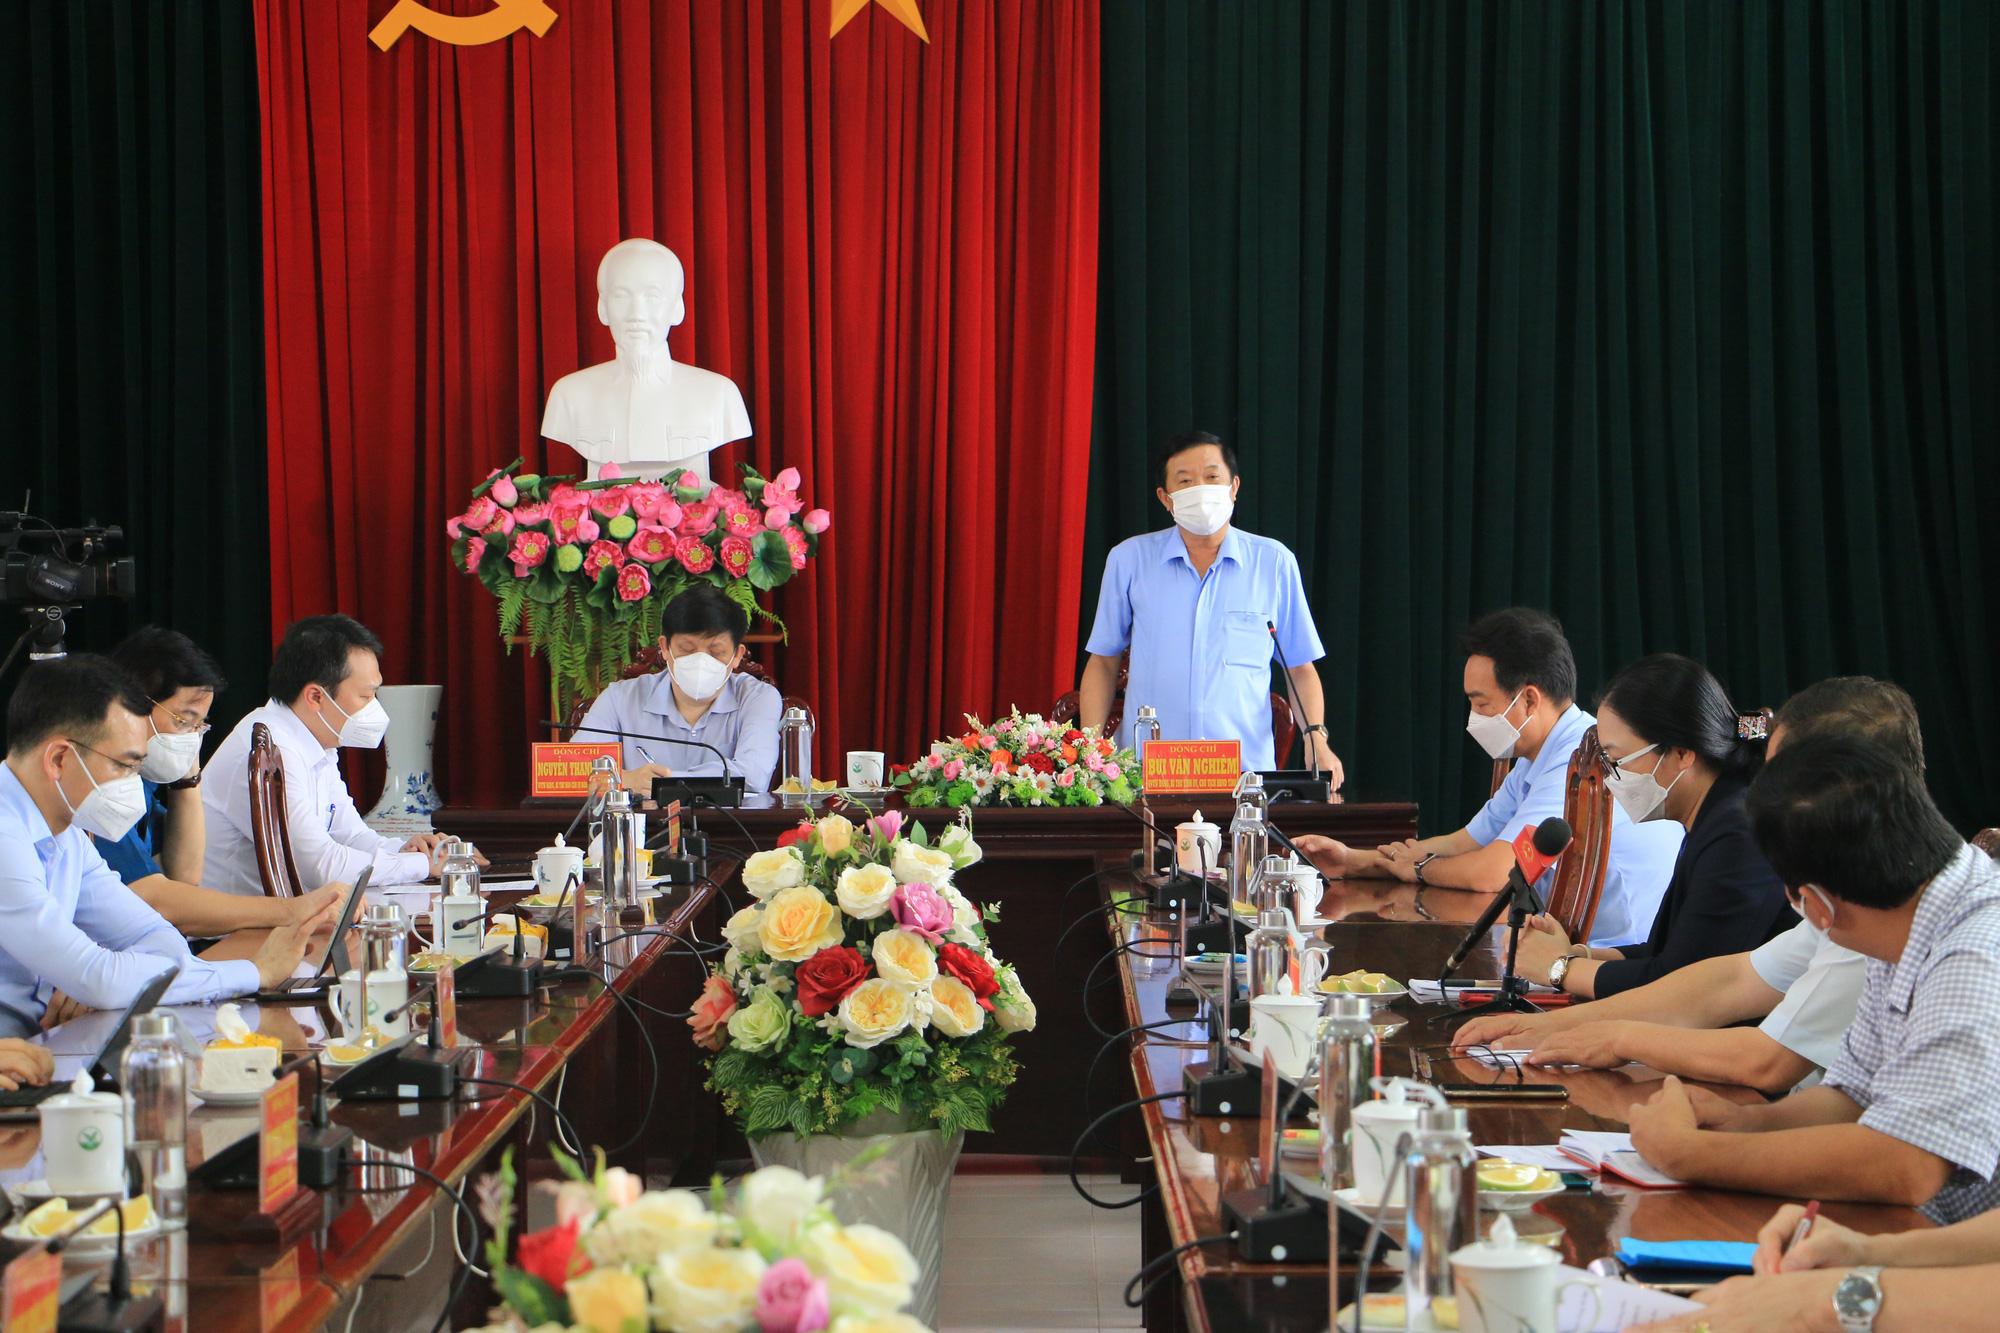 Bộ Y tế điều 3 lãnh đạo các Bệnh viện Trung ương đến hỗ trợ Vĩnh Long điều trị bệnh nhân COVID-19 - Ảnh 3.